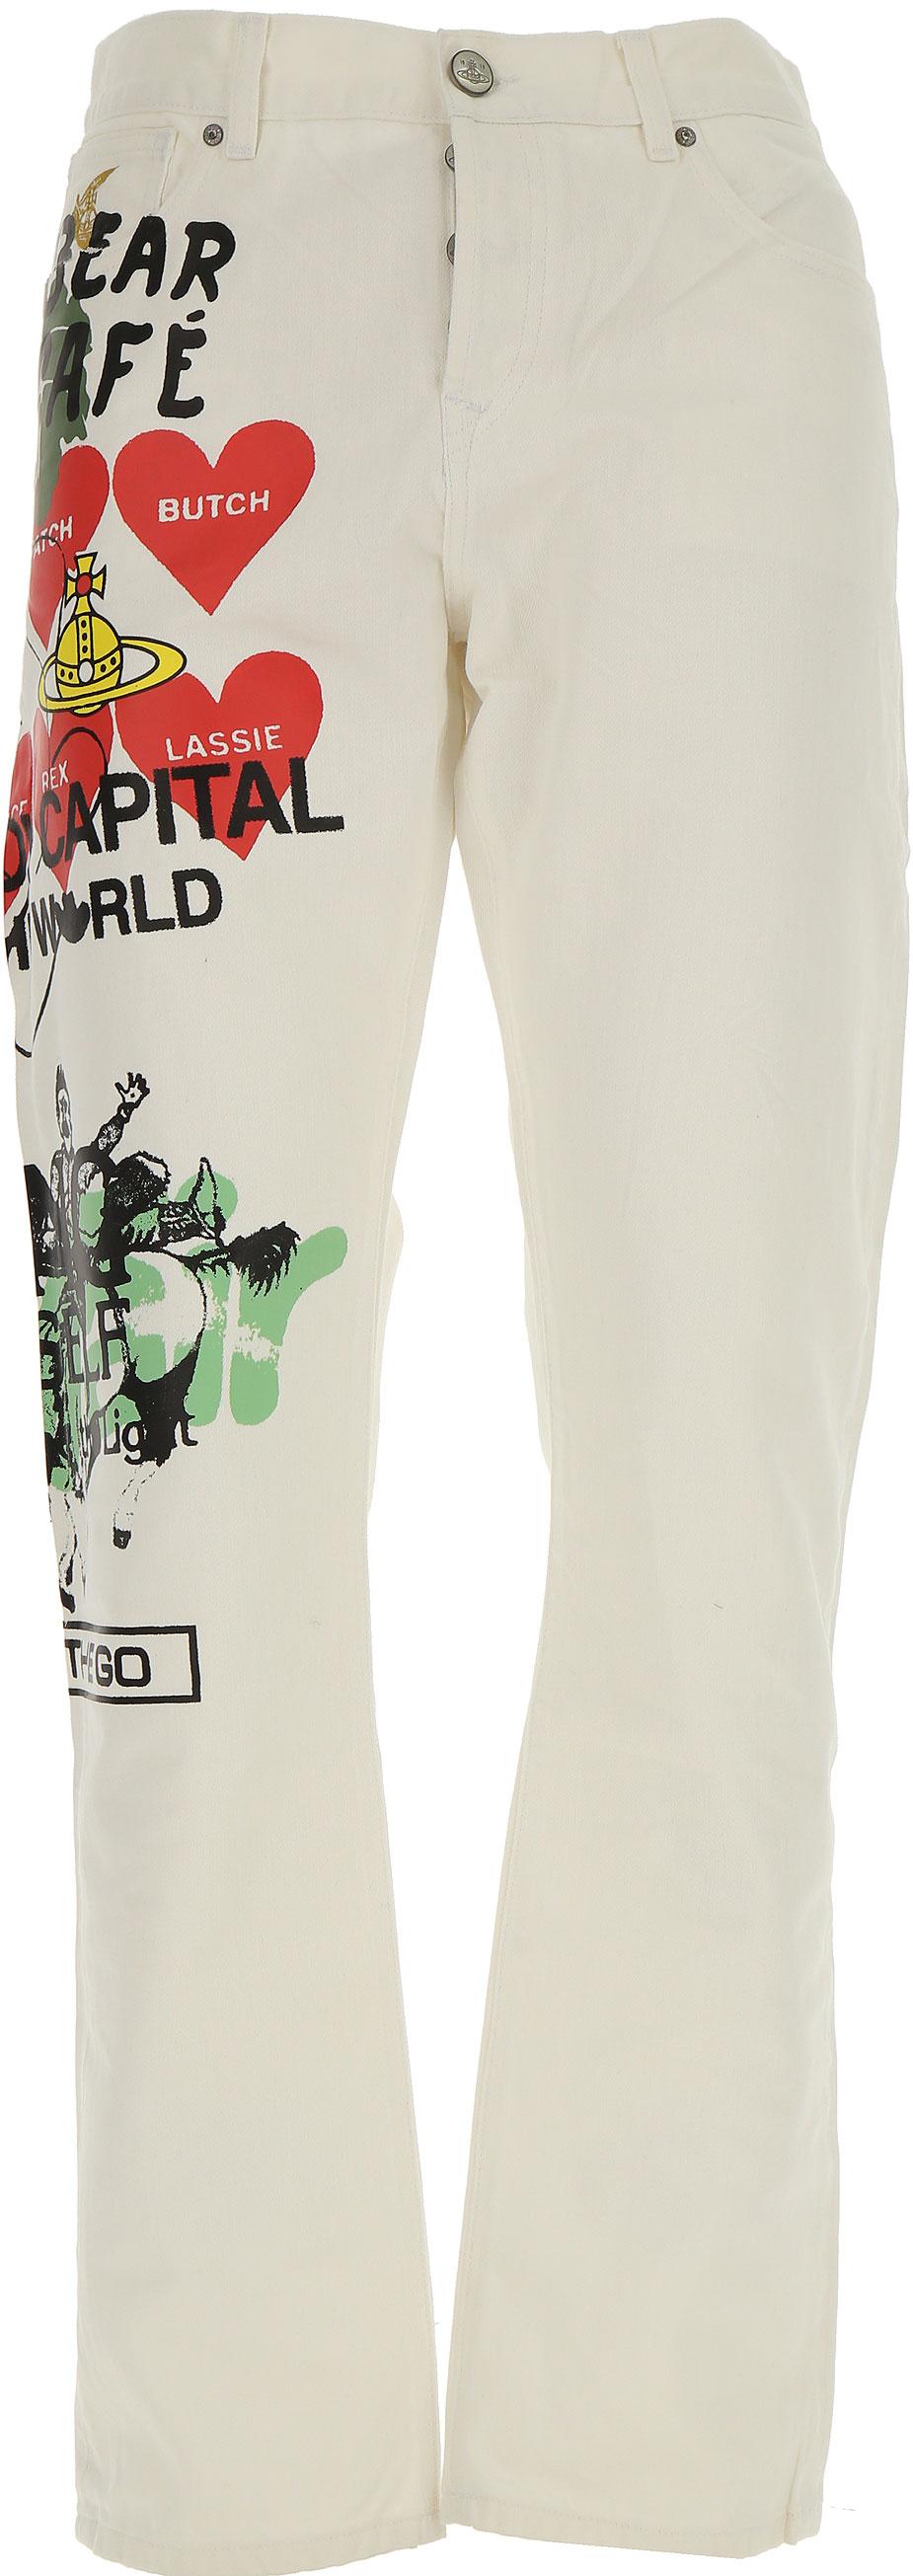 Abbigliamento Uomo Vivienne Westwood, Codice Articolo: 28020003-10415-